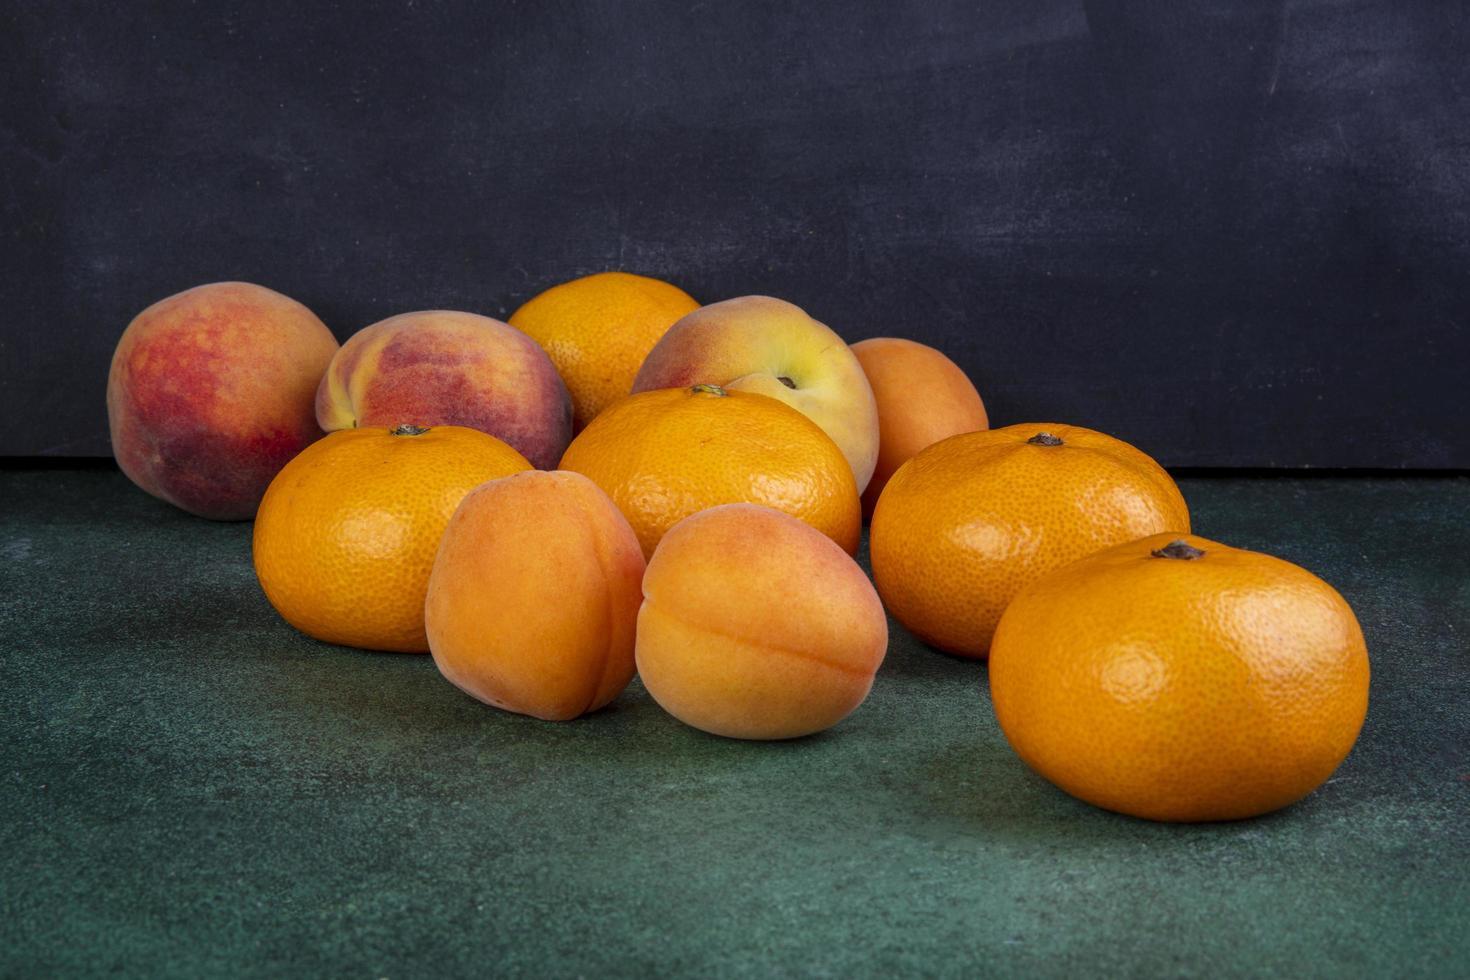 Vista frontal de melocotones con mandarinas y albaricoques. foto